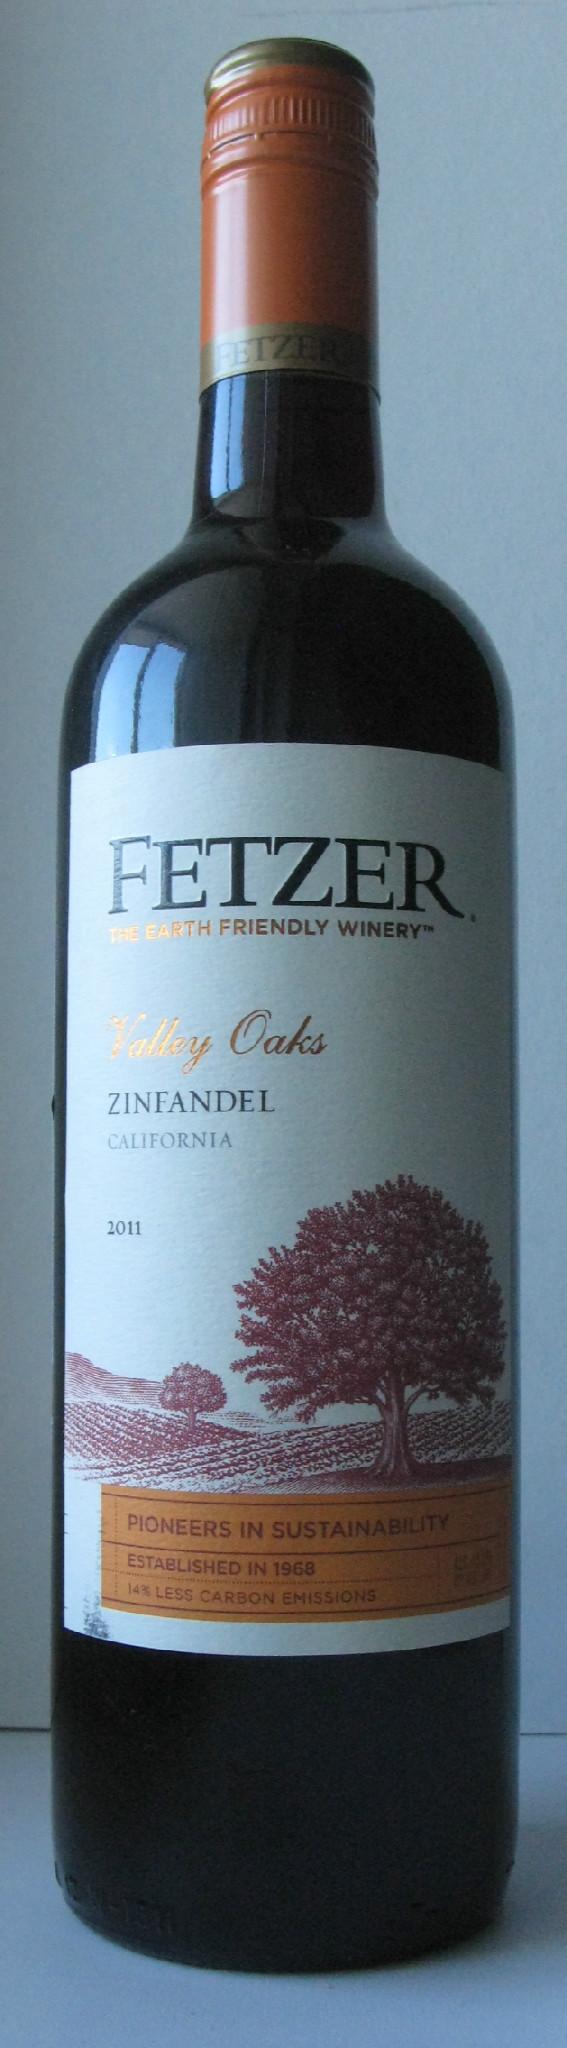 fetzer-zinfandel-2011